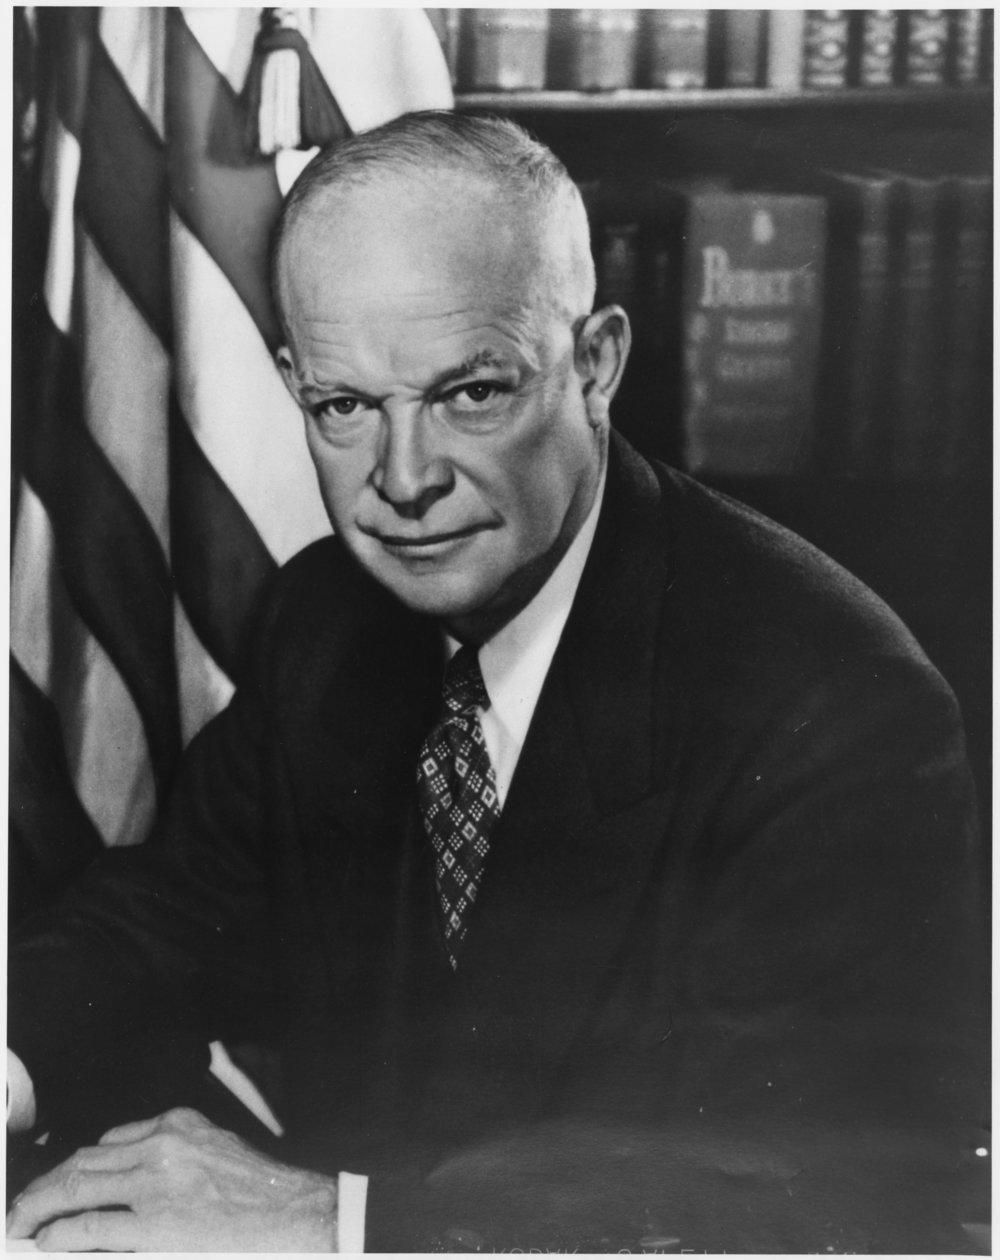 Photograph_of_Dwight_D._Eisenhower_-_NARA_-_518138.jpg